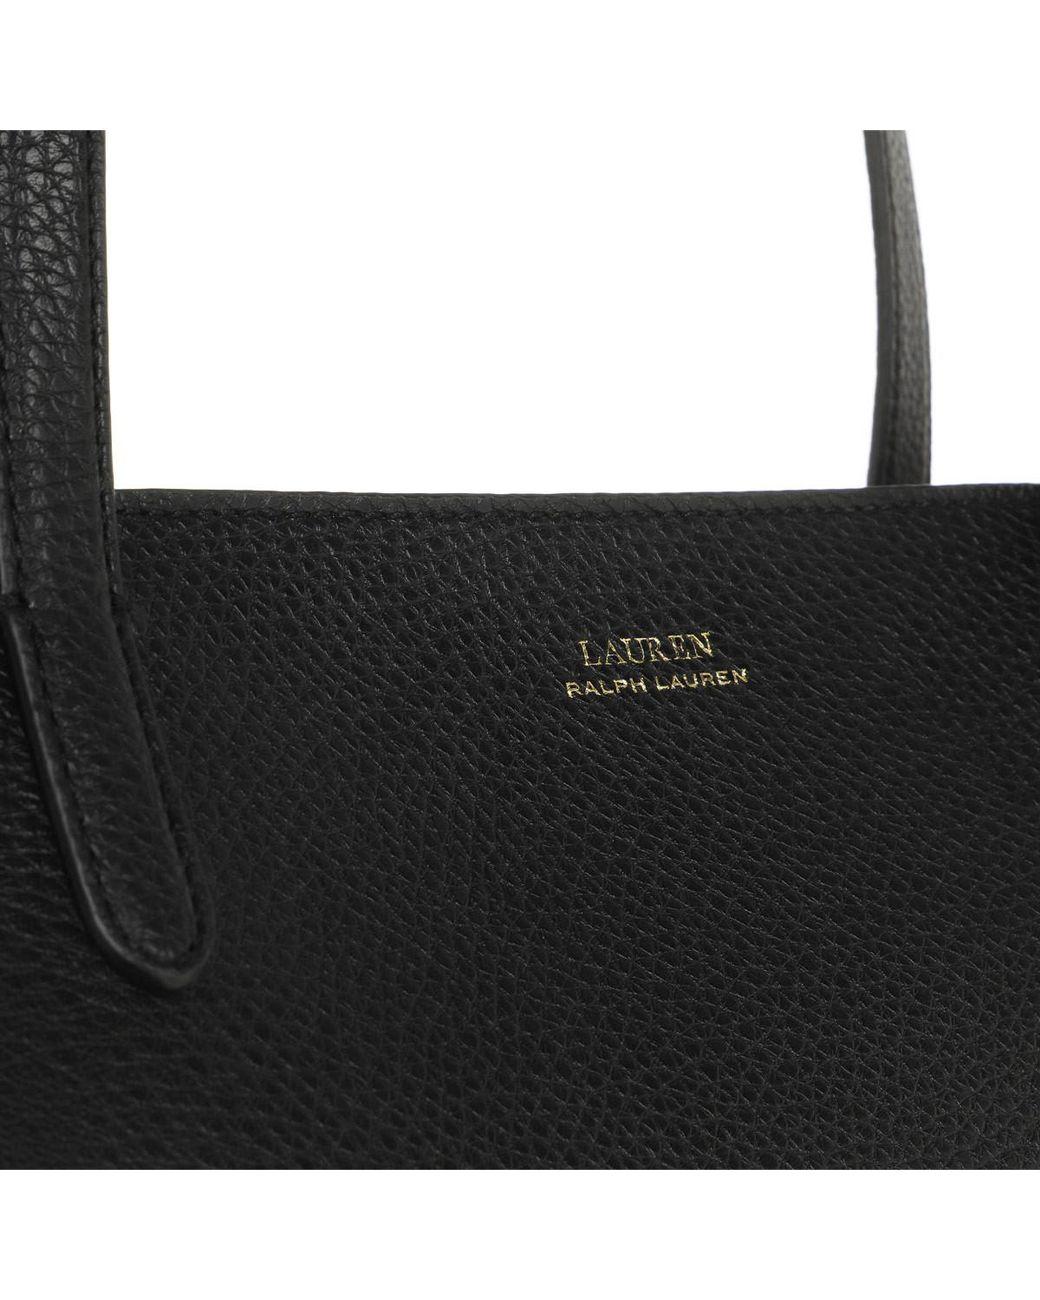 27801ed53 Lauren by Ralph Lauren Merrimack Top Zip Tote Medium Black/taupe in Black -  Lyst